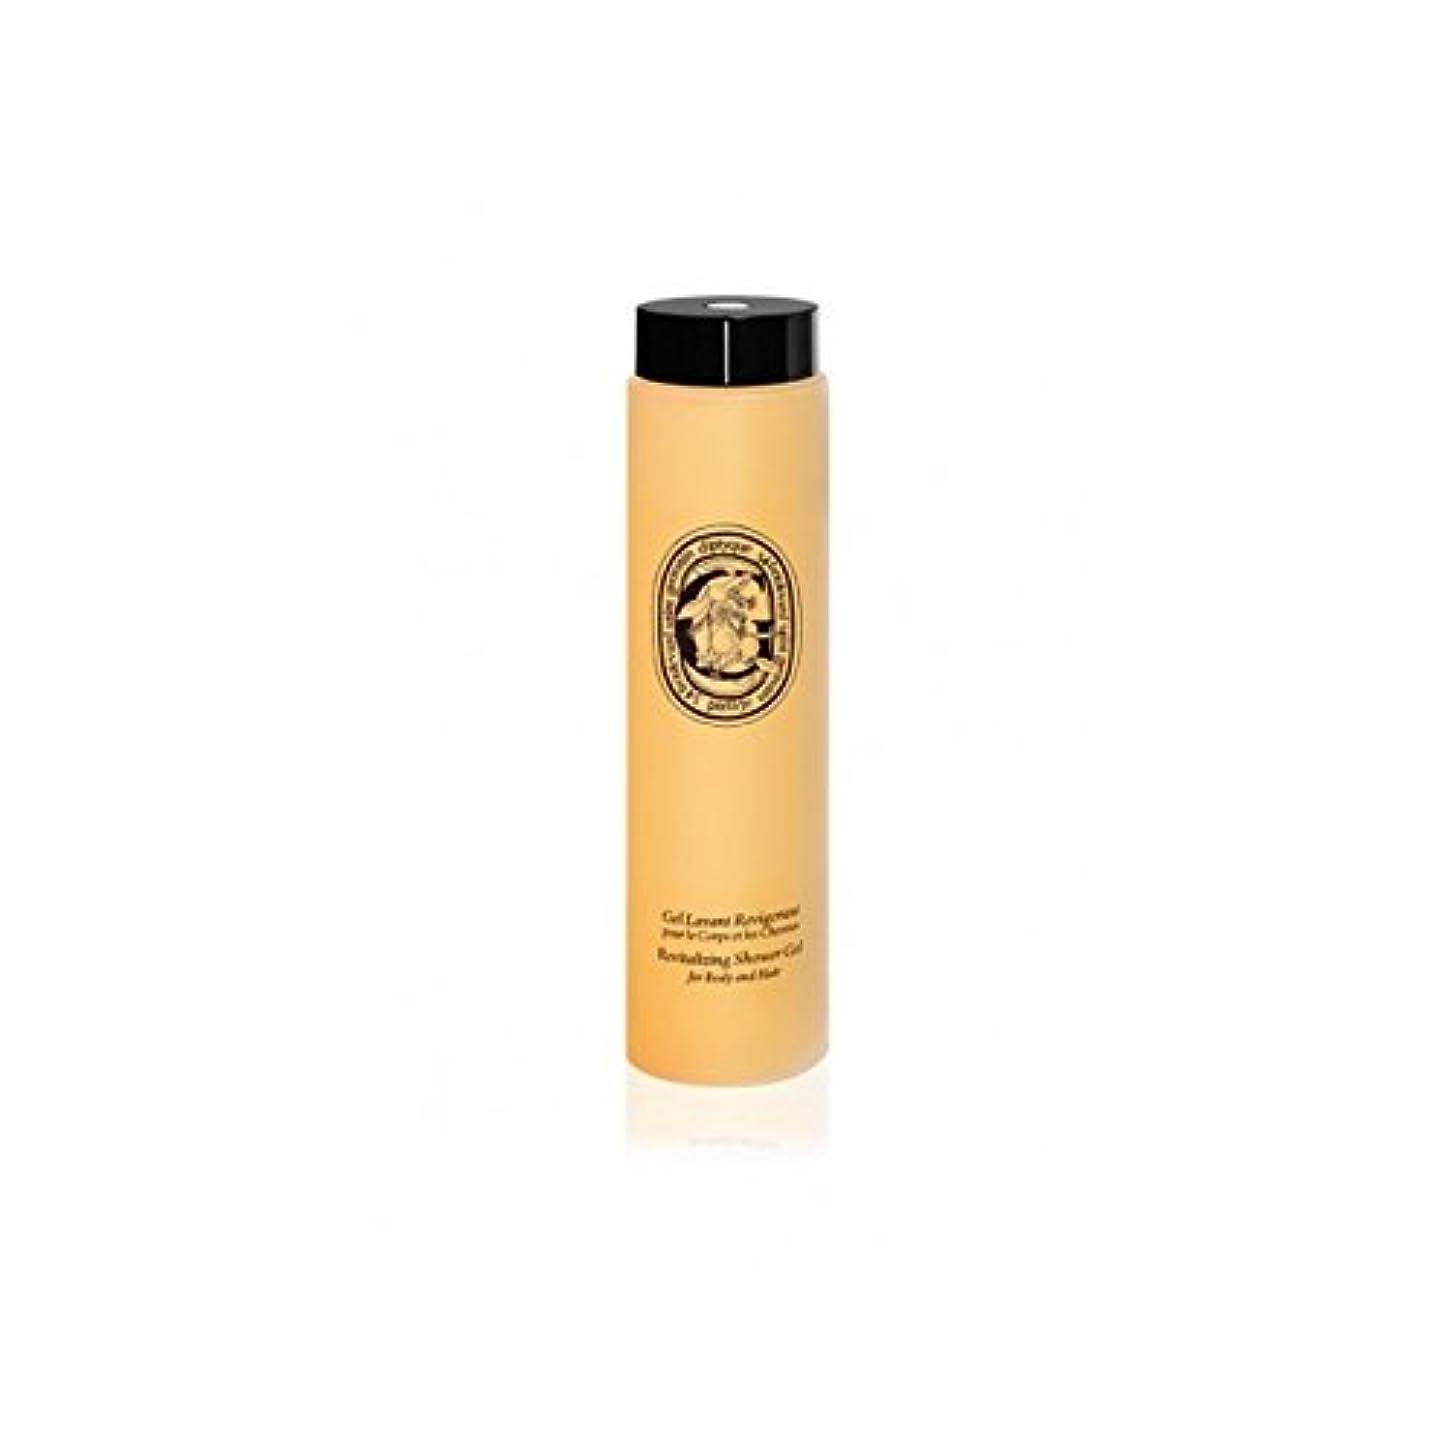 従う急いで手書きDiptyque Revitalizing Shower Gel For Body And Hair 200ml (Pack of 2) - ボディ、ヘア200ミリリットルのためDiptyqueのリバイタライジングシャワージェル...